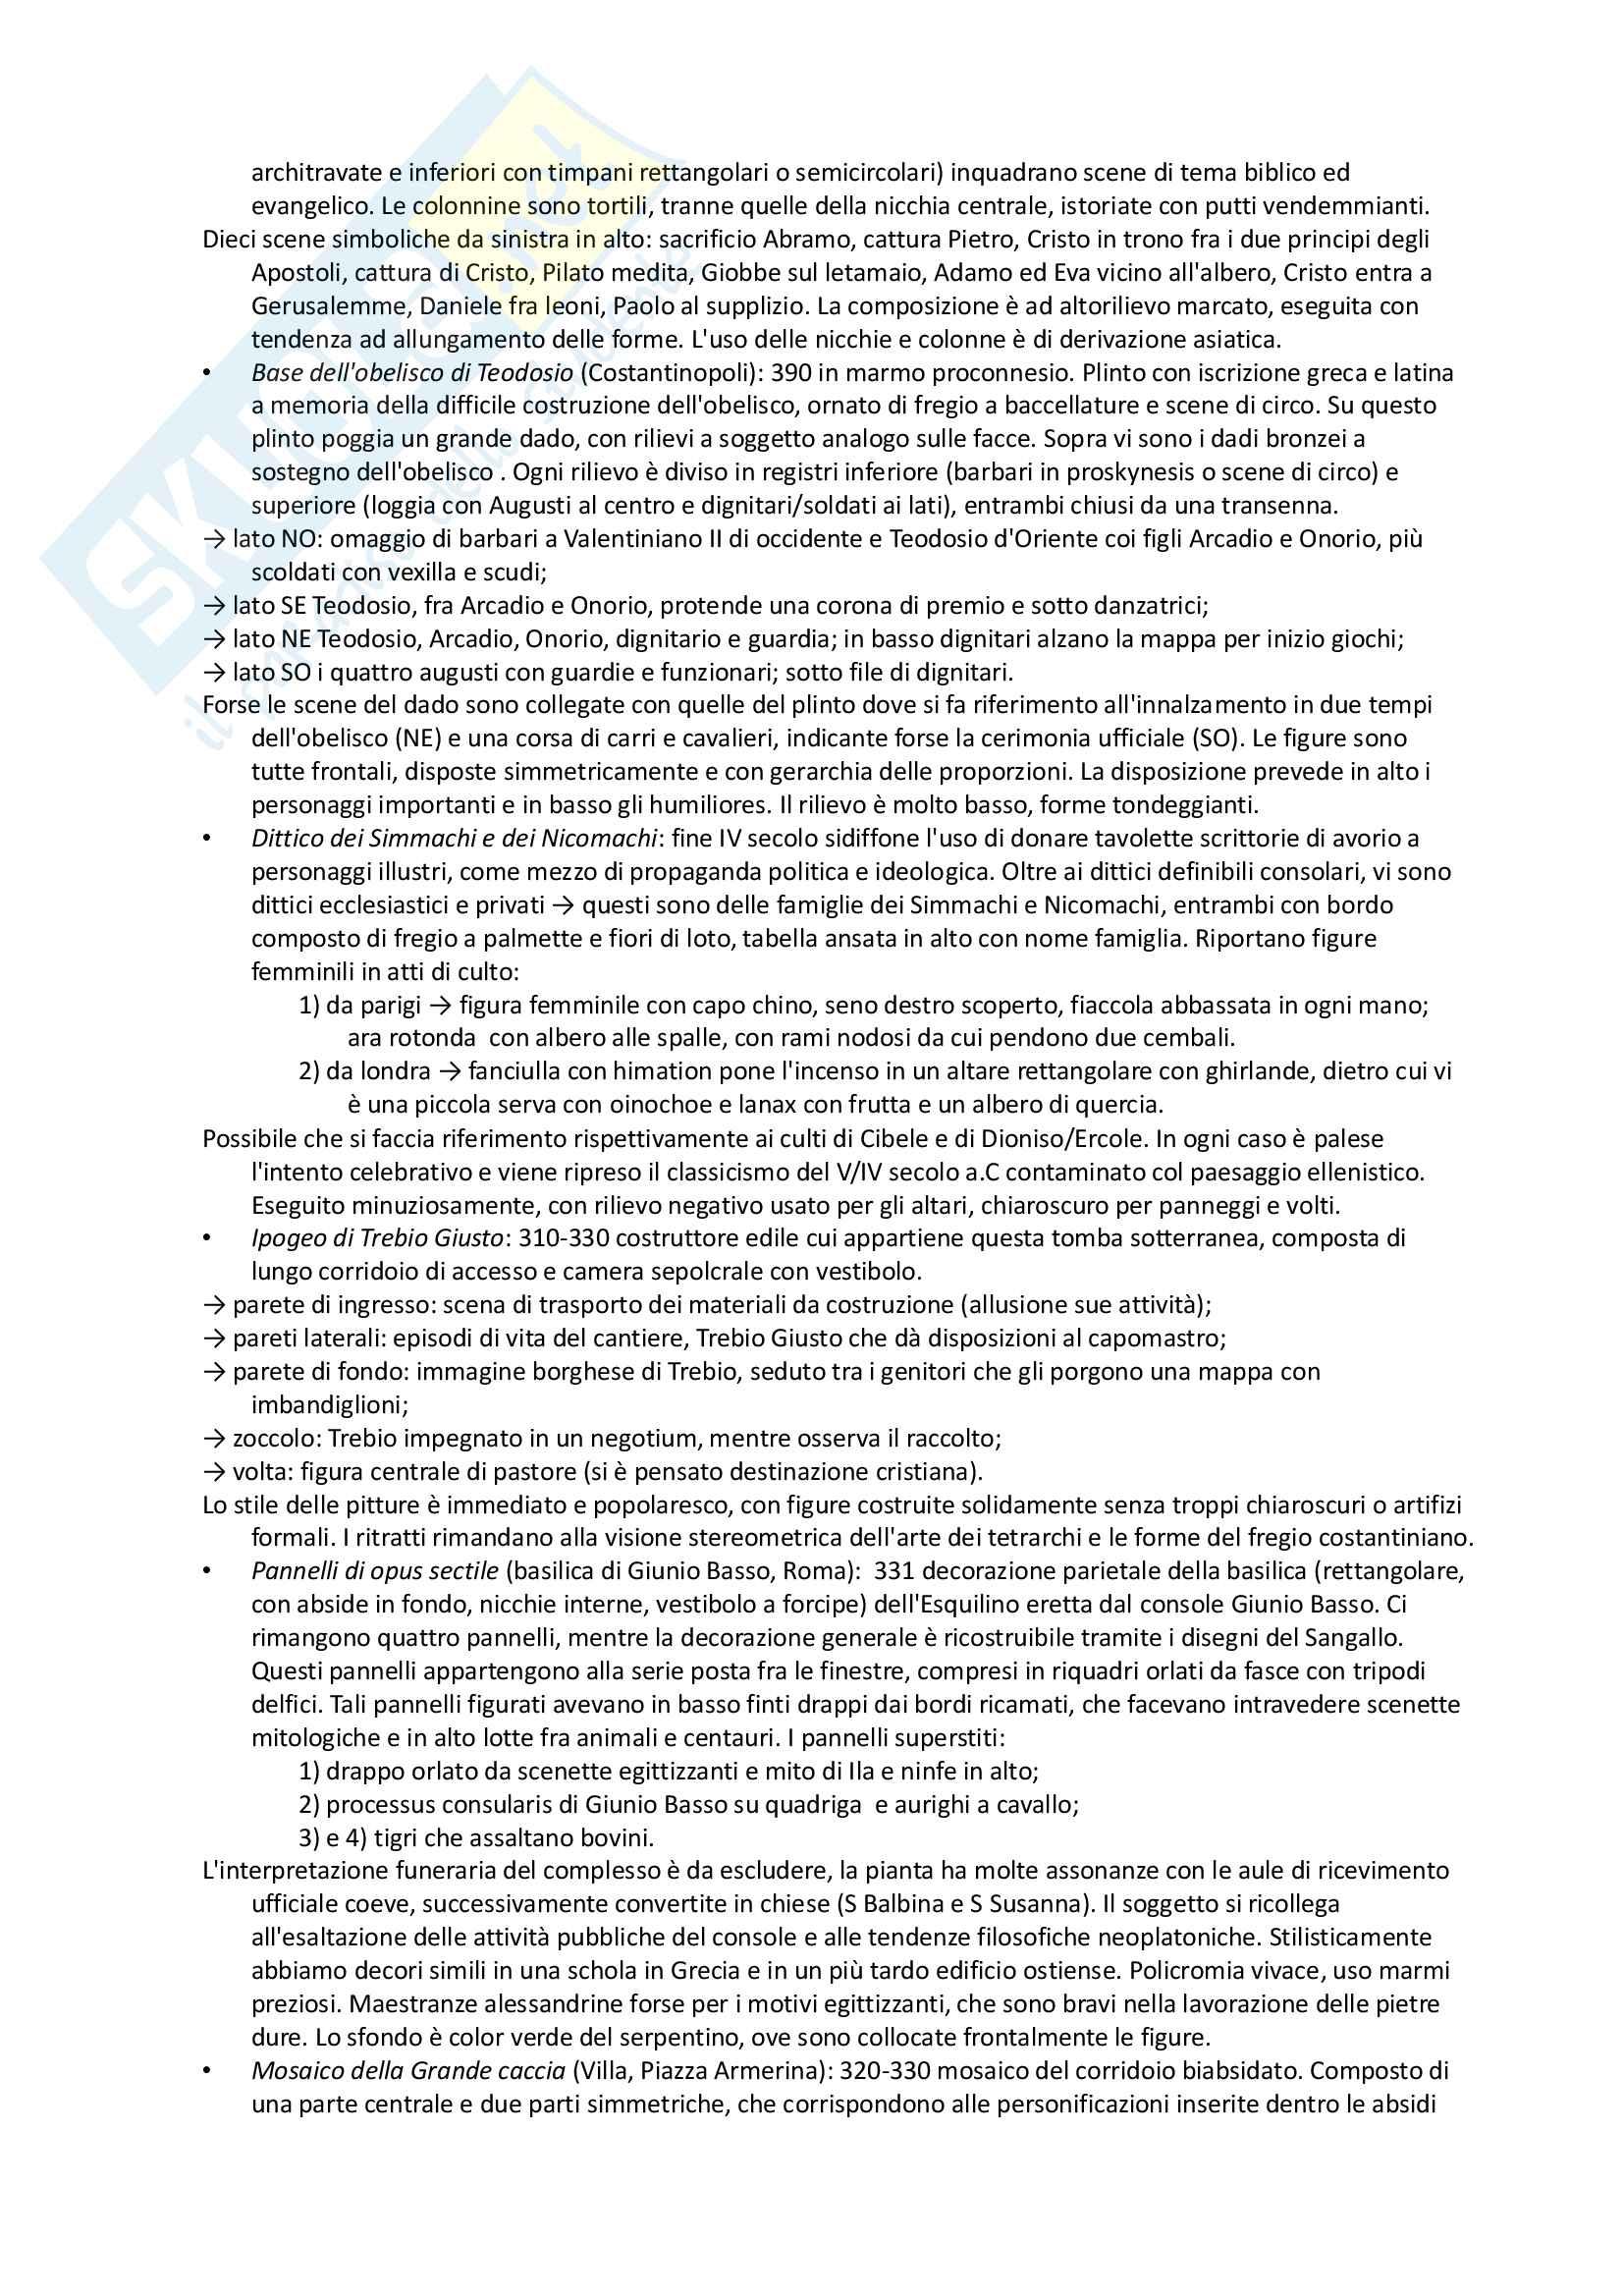 Riassunto esame archeologia romana, prof. Angiolillo, testo consigliato L'Arte dell'Antichità Classica (Etruria Roma) di Bianchi Bandinelli, Torelli Pag. 46